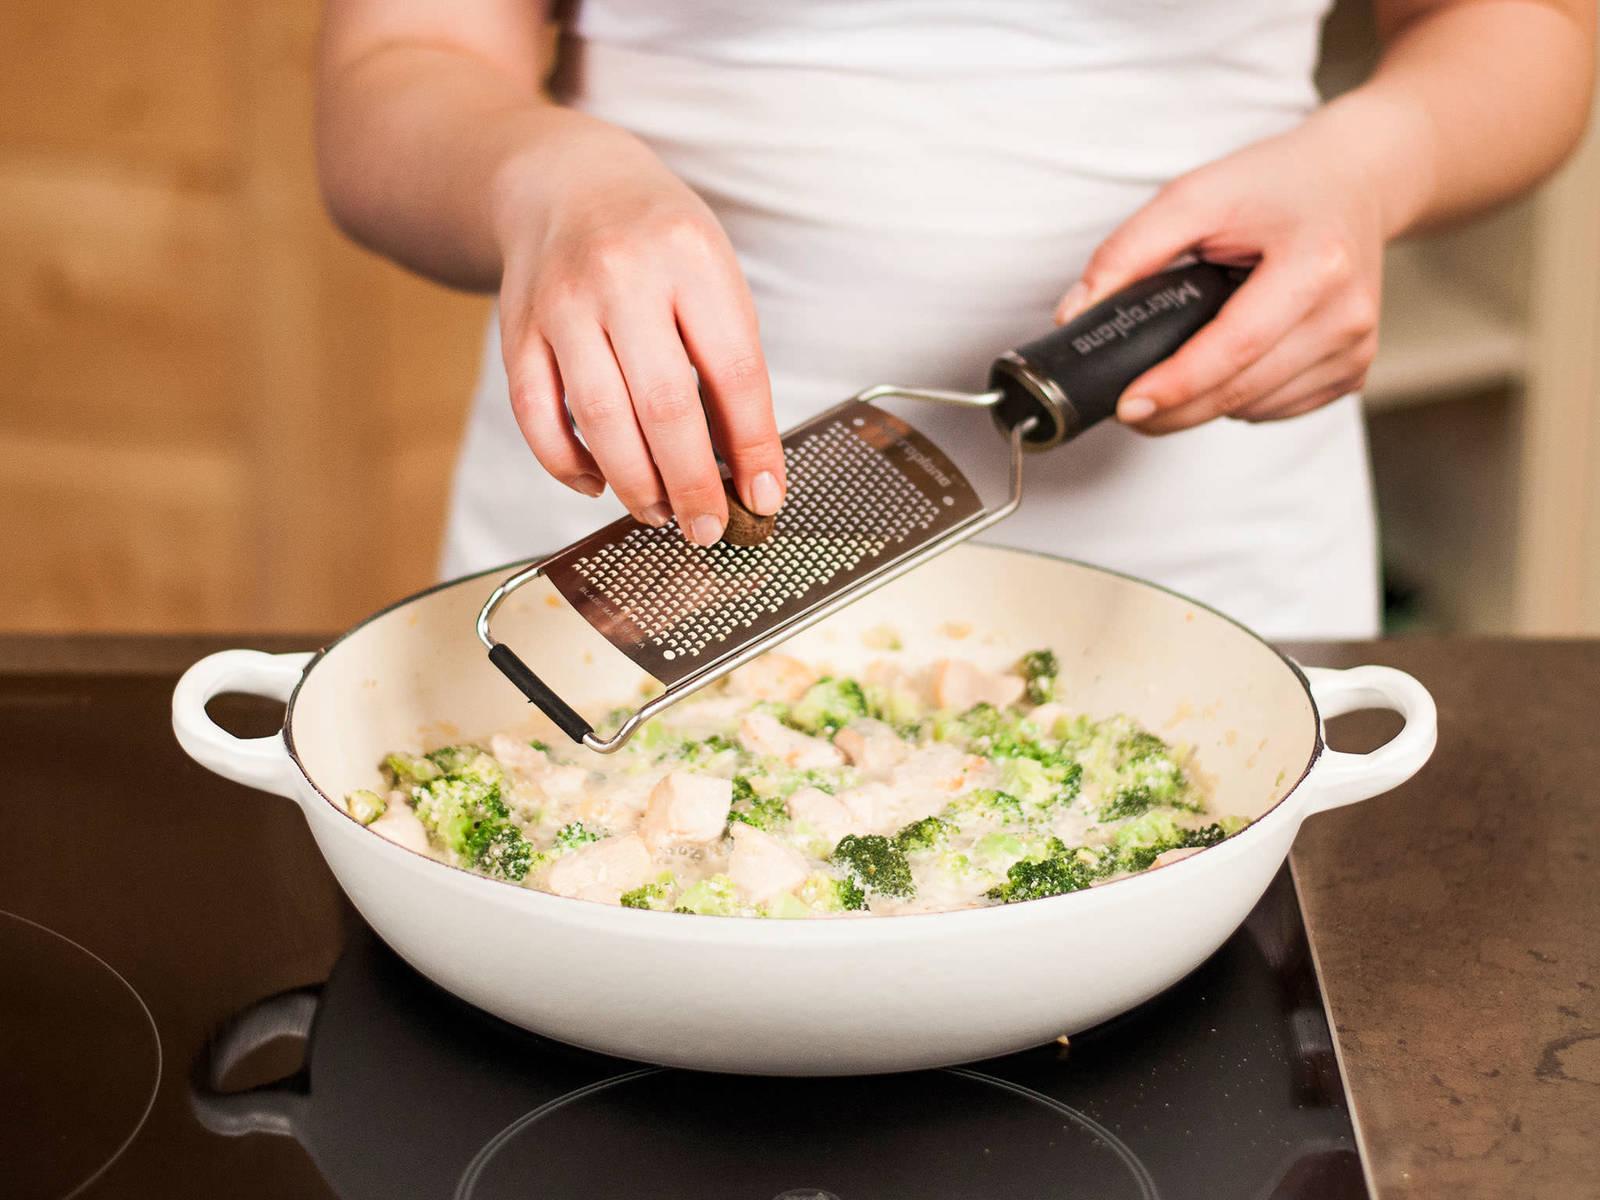 Mit Muskatnuss, Salz und Pfeffer abschmecken. Abschließend die Nudeln zur Soße geben, kurz durchschwenken und in tiefen Tellern serviert genießen.